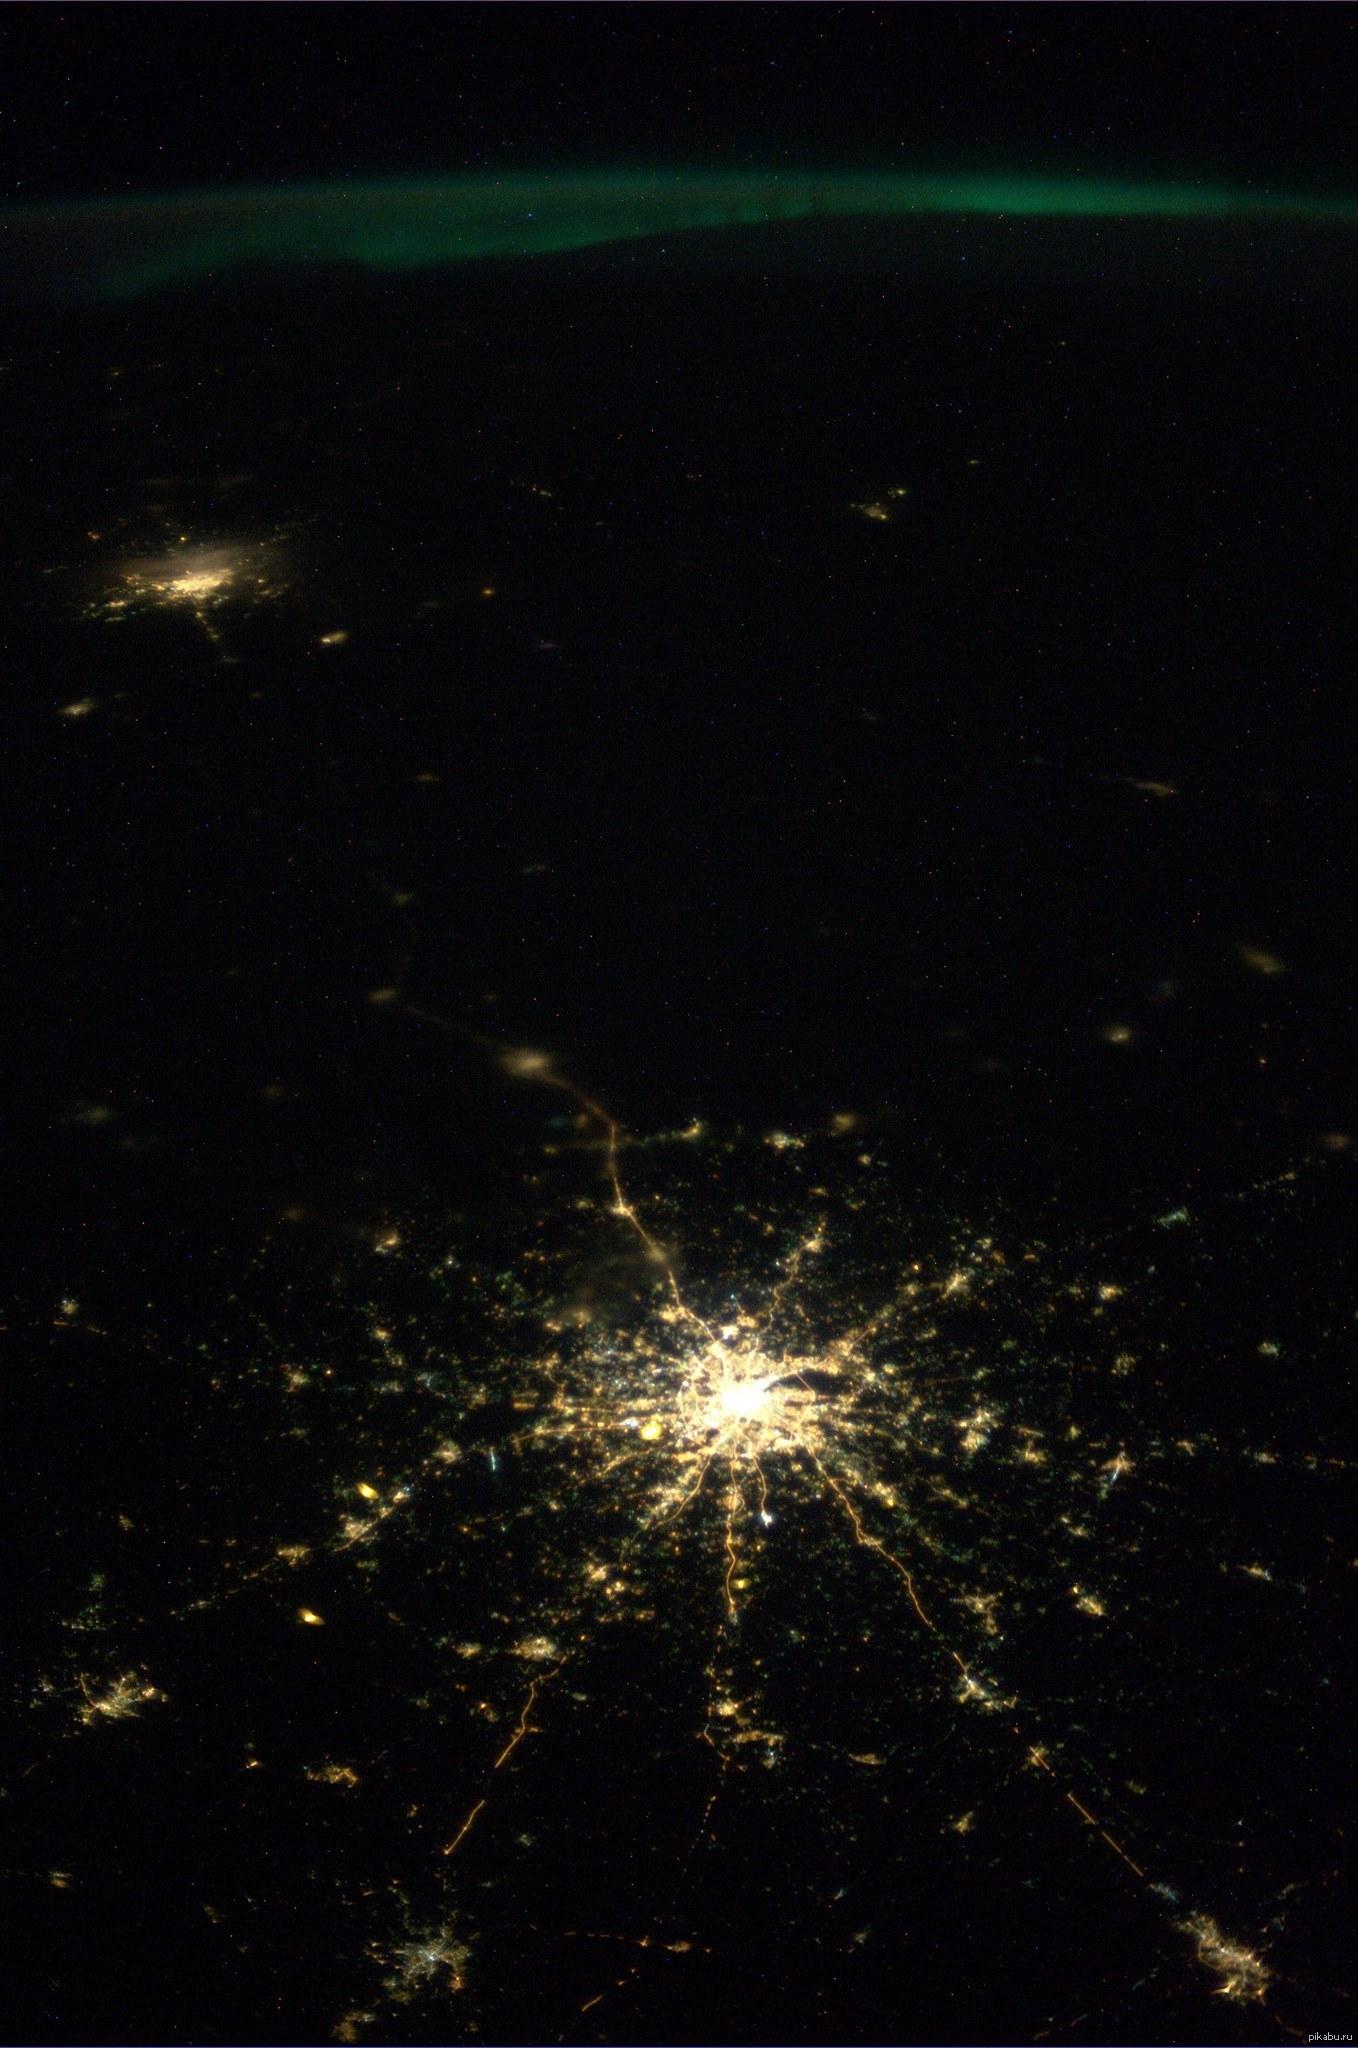 фото москвы и питера с космоса можно зделать скриншоты